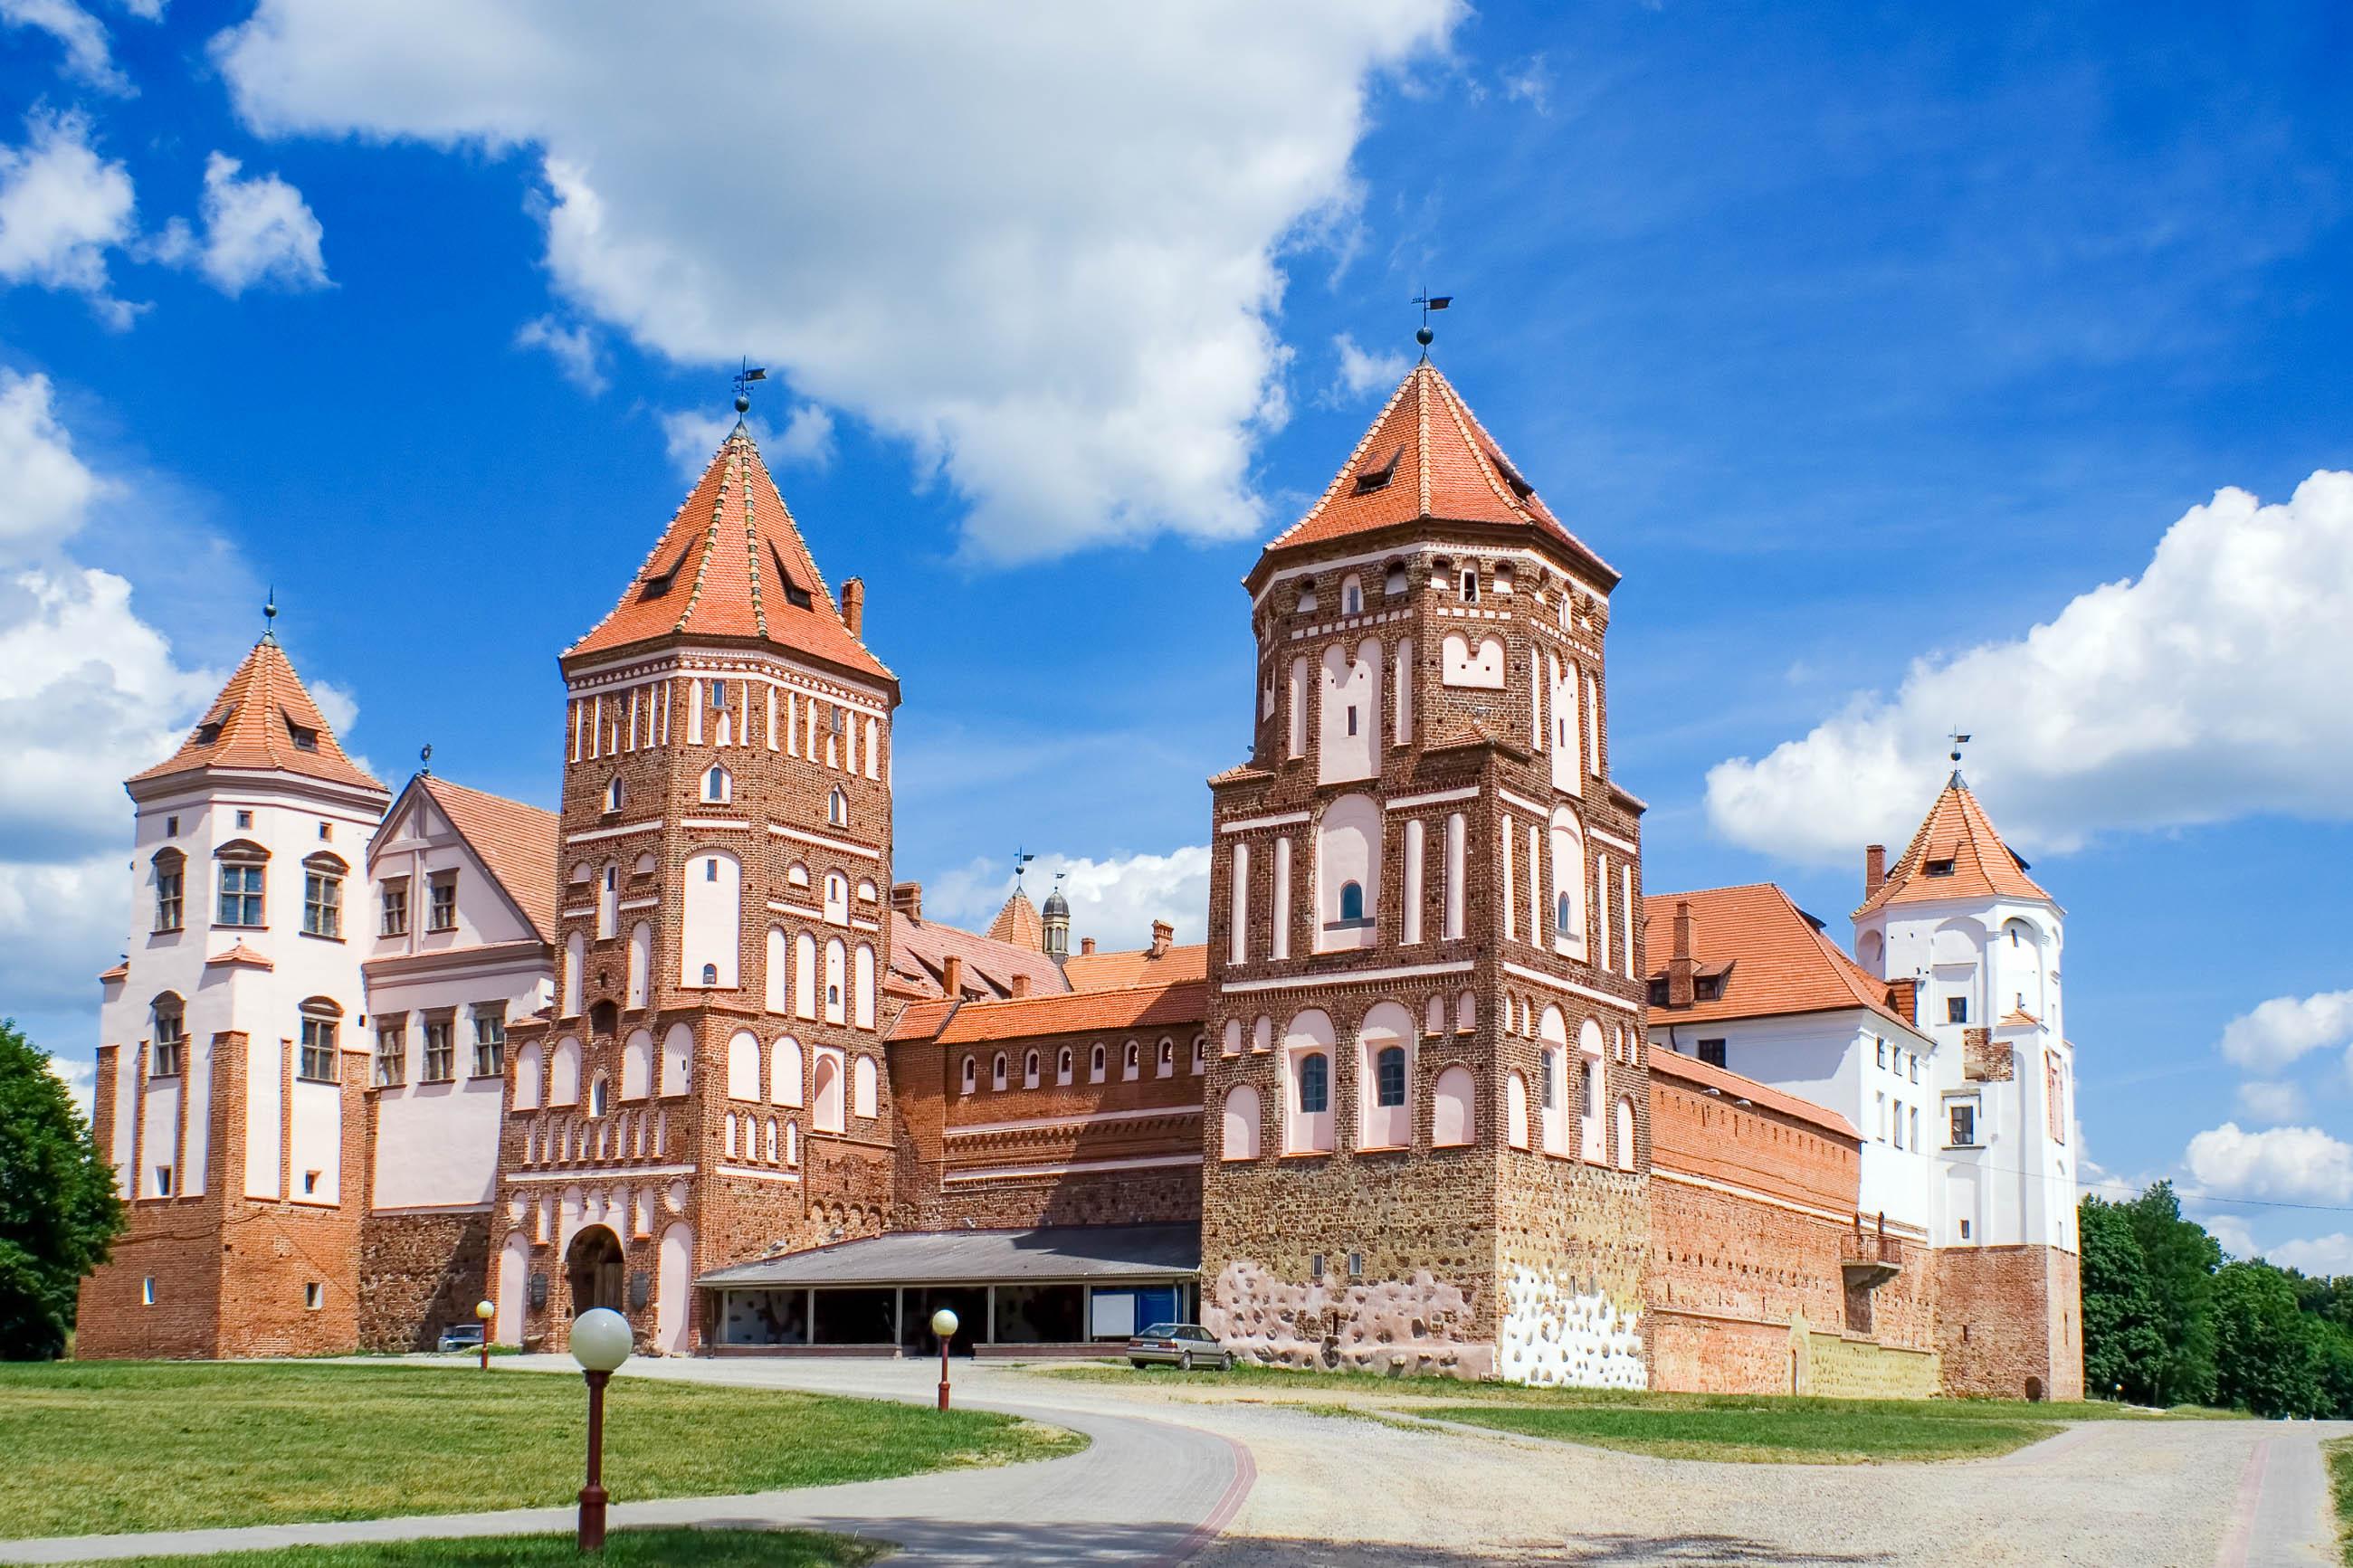 Blick auf das Schloss Mir, das im 16. Jahrhundert errichtet wurde, Weißrussland - © StockThings / Shutterstock